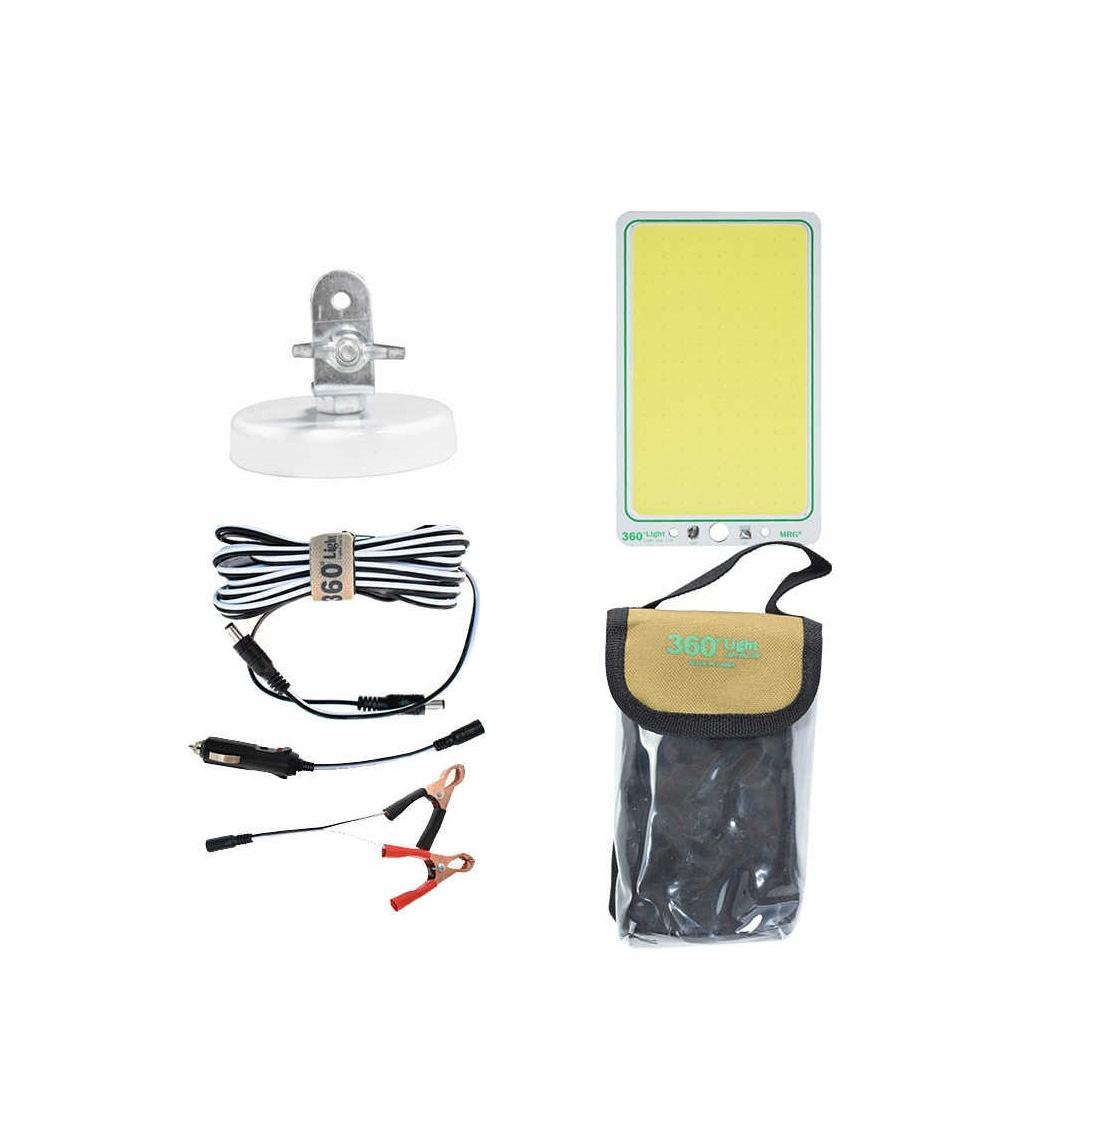 Lampa auto MRG M360L, 12V, 144 LED-uri, COB